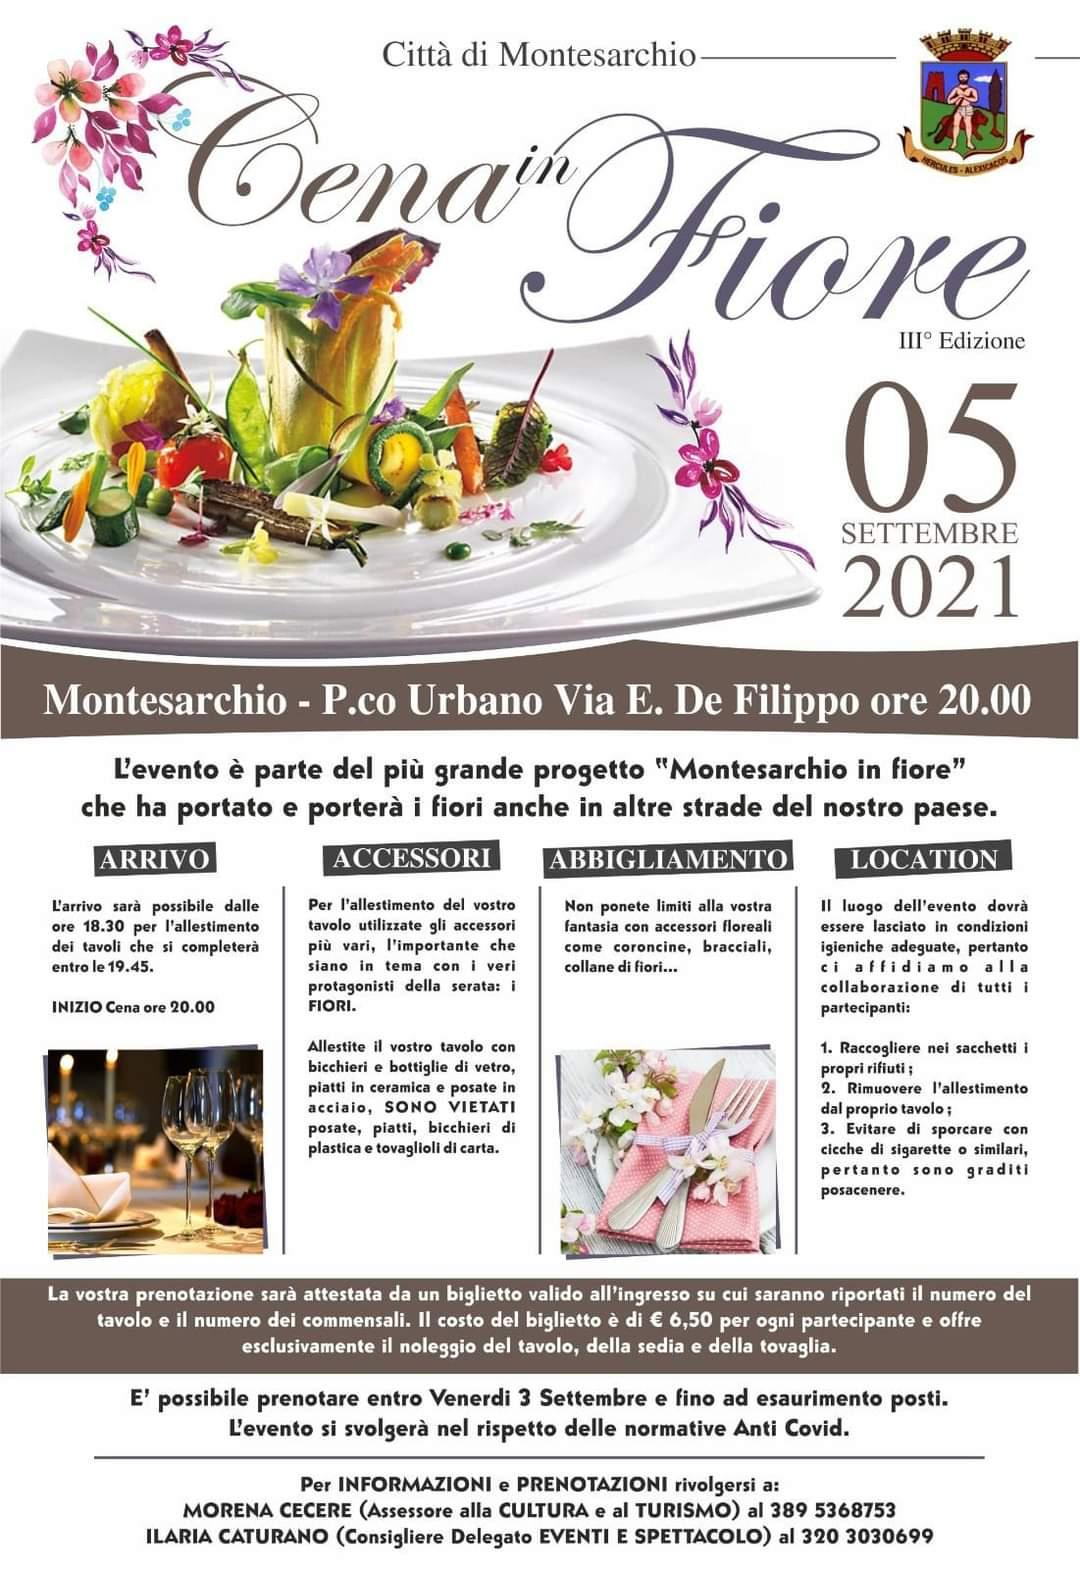 Montesarchio, cena in fiore: nuova edizione